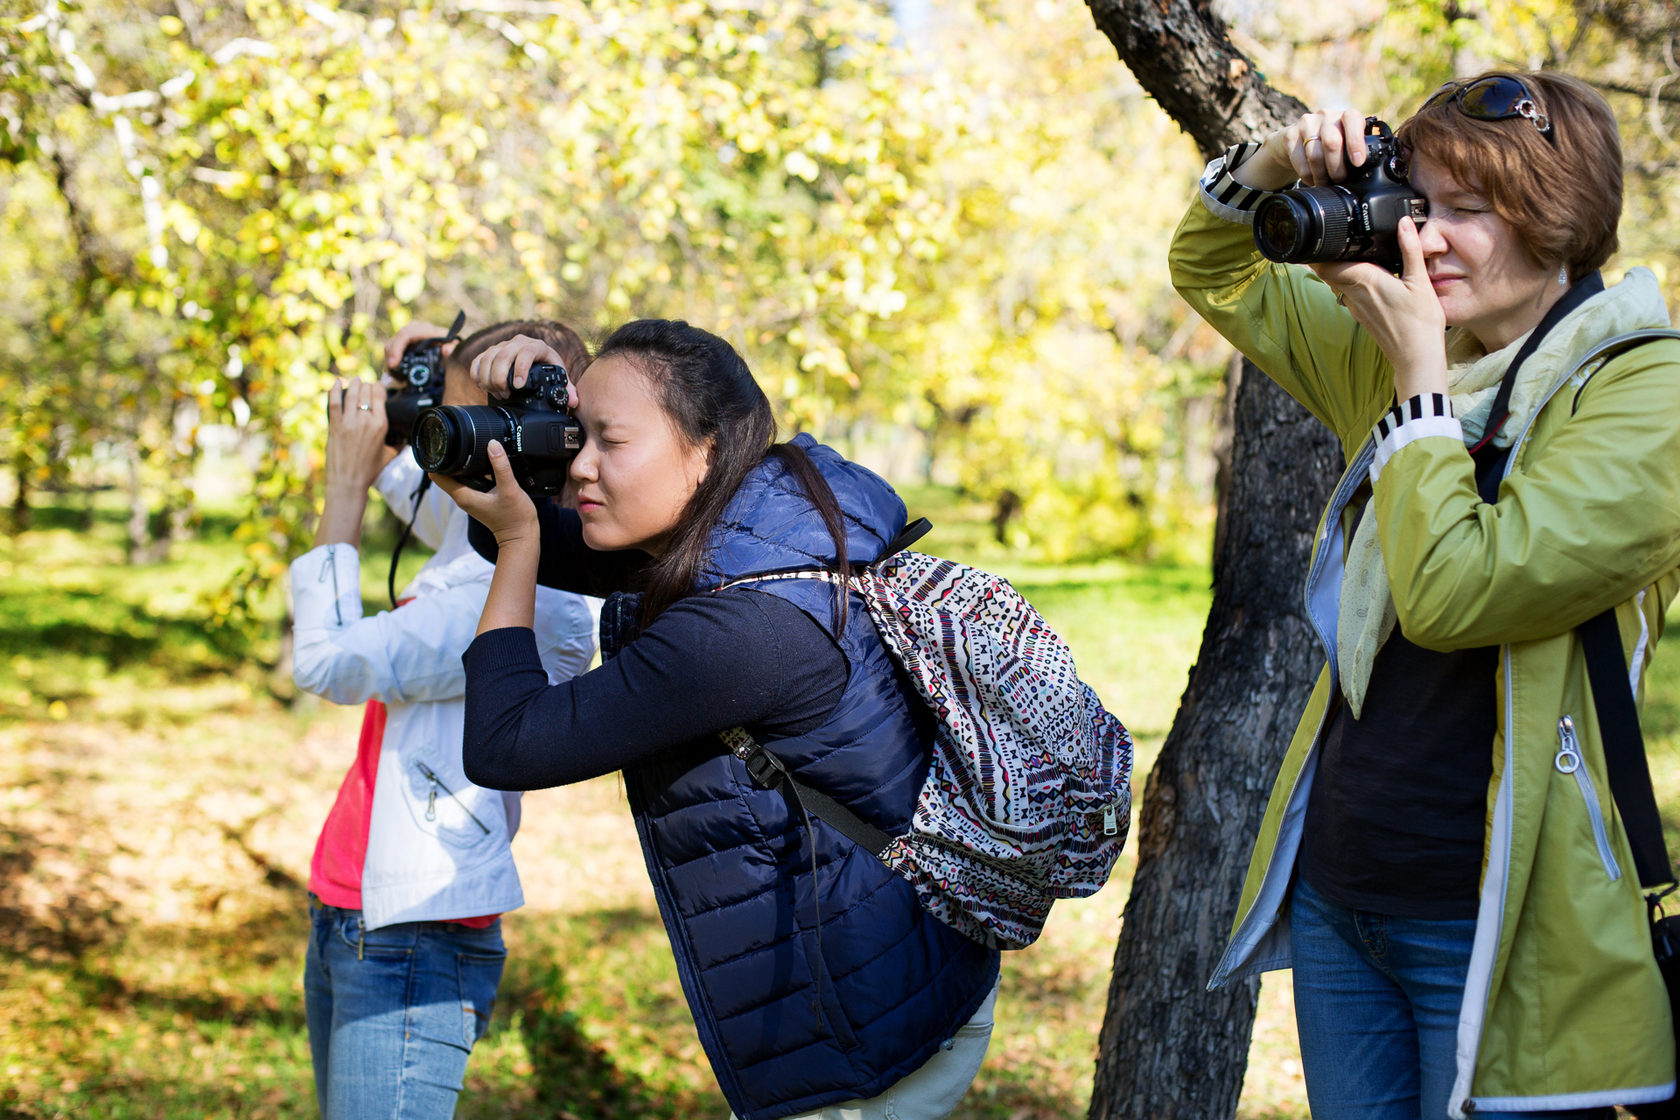 Хорошие курсы фотографии в москве для начинающих